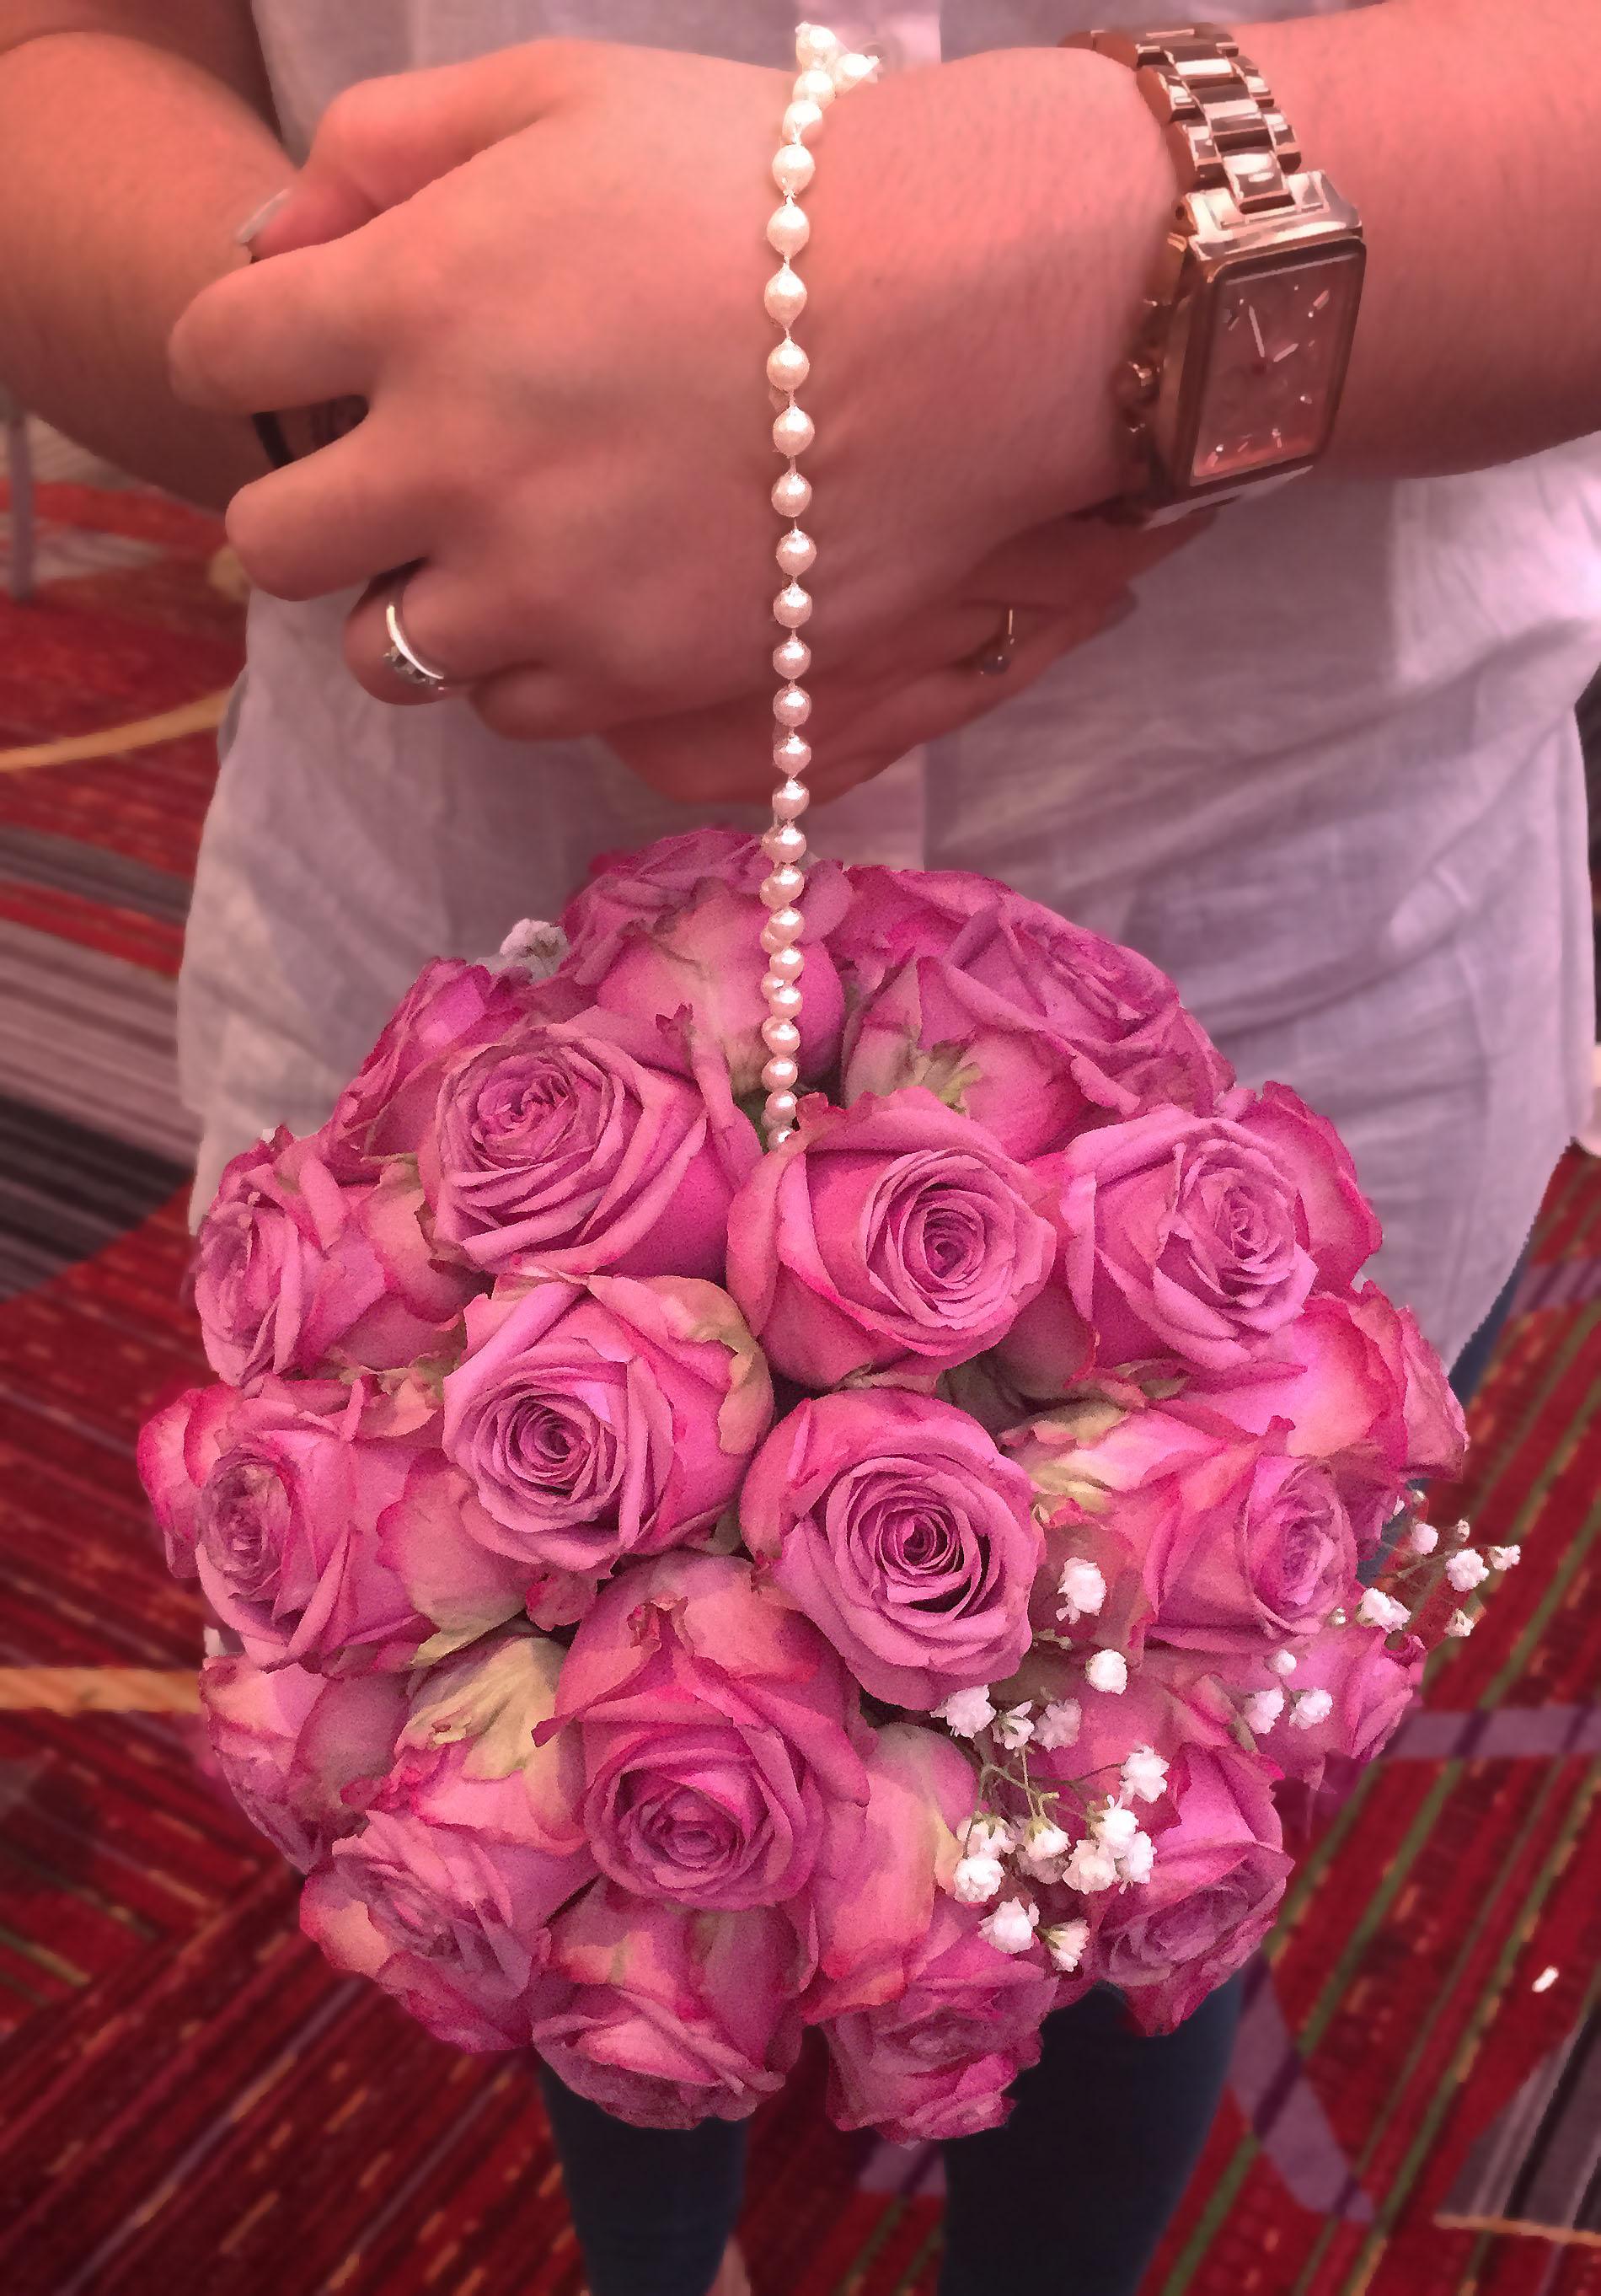 Evelisa Floral & Design: Pomander Bouquet